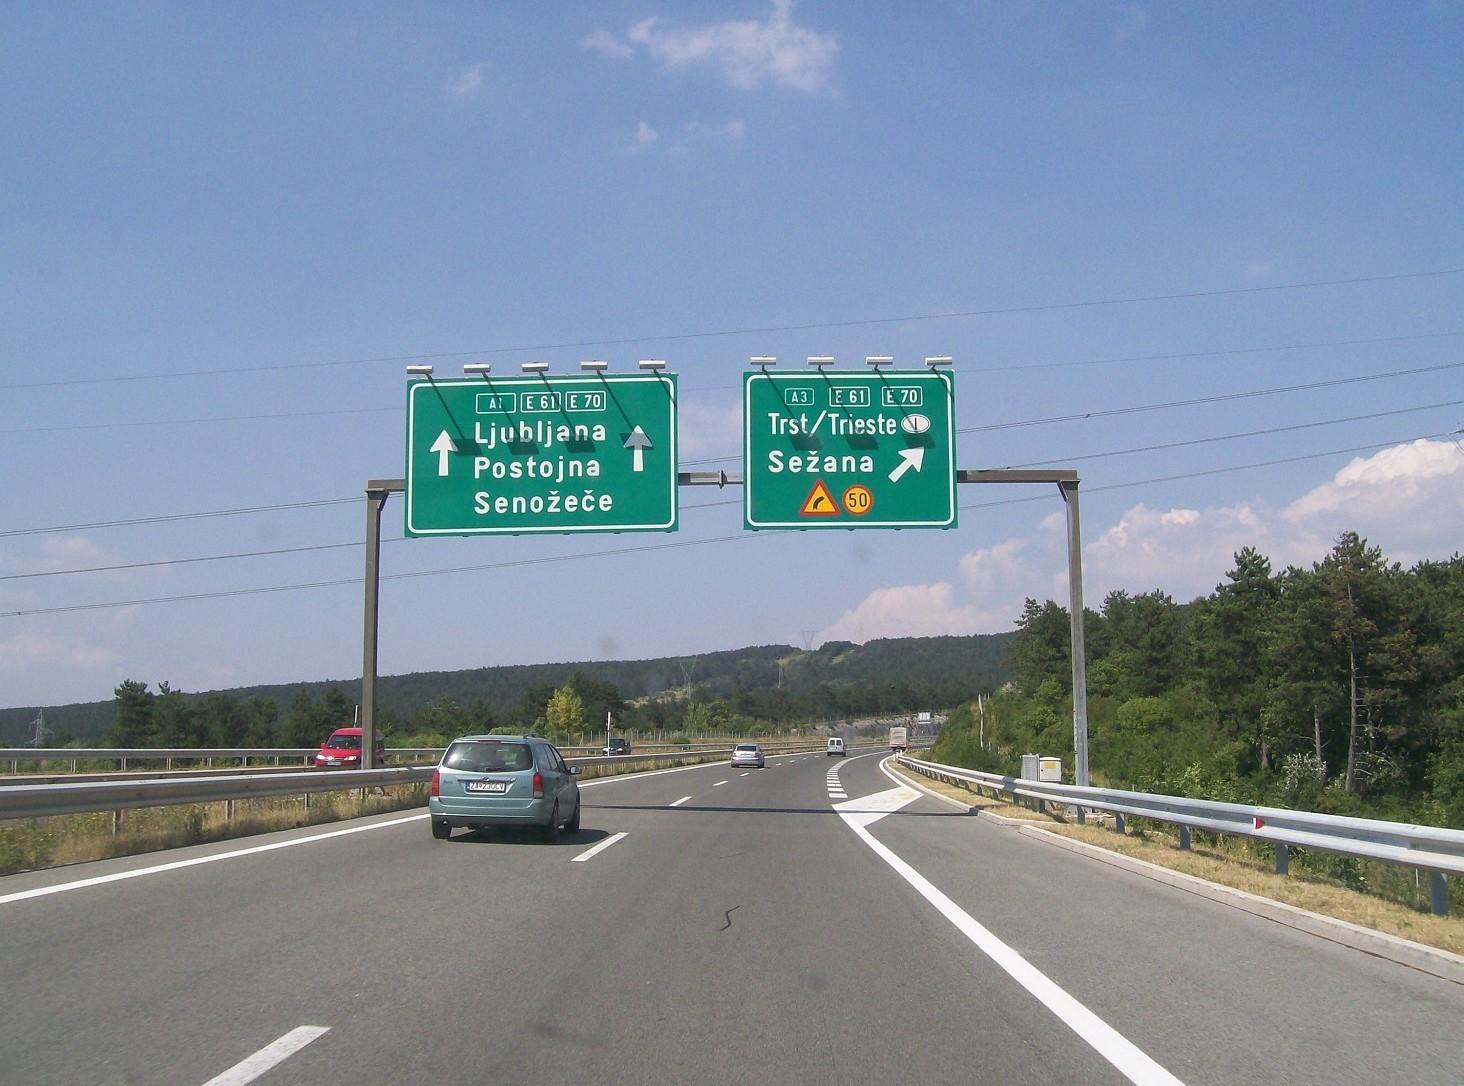 Viaggiare sulle autostrade e strade slovene: costi, pedaggi, regole. Dove comprare bollino-contrassegno